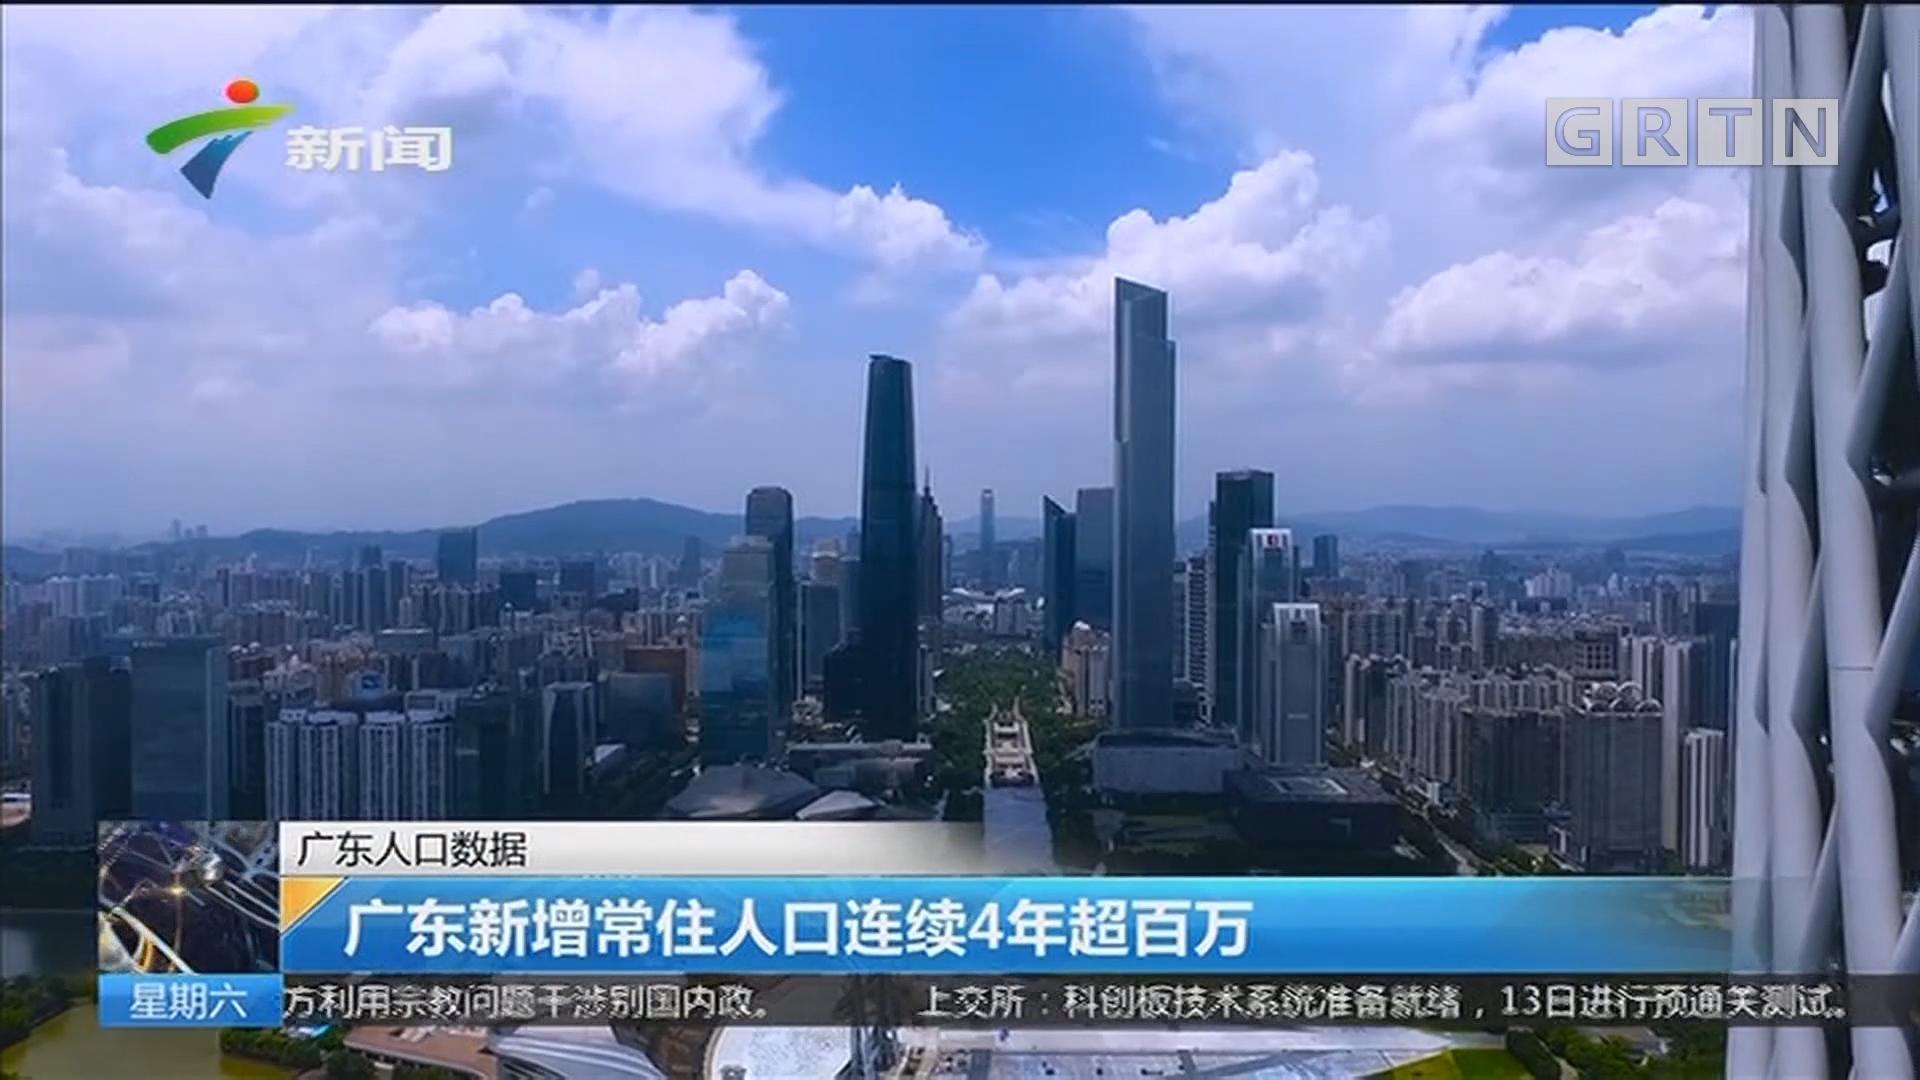 广东人口数据:广东新增常住人口连续4年超百万